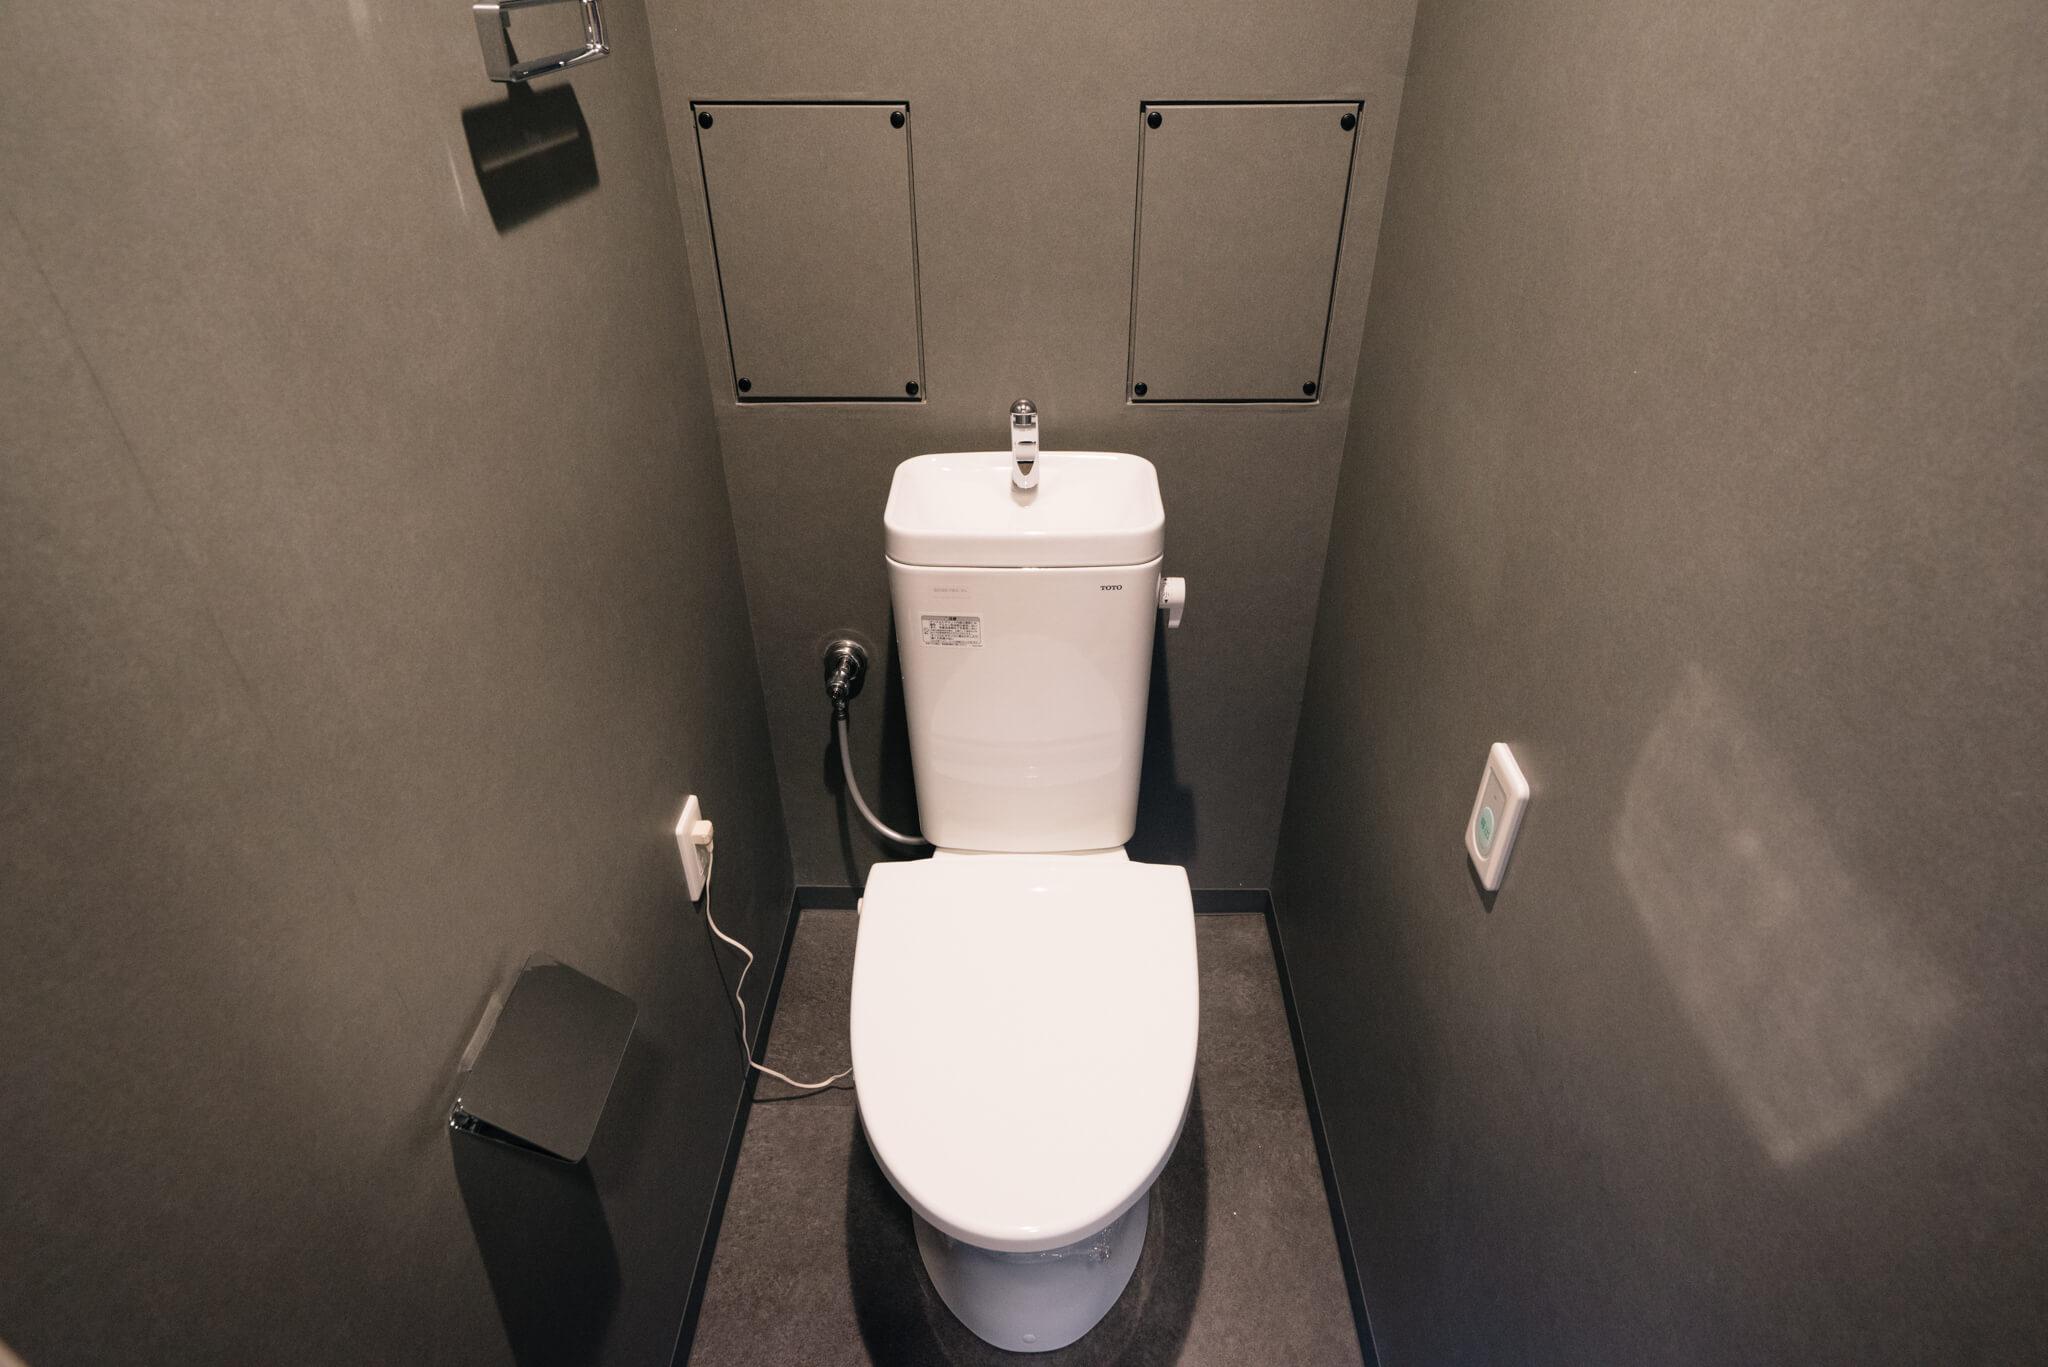 トイレは全面がグレーの壁紙に張り替えられ、シックな空間になっていました。